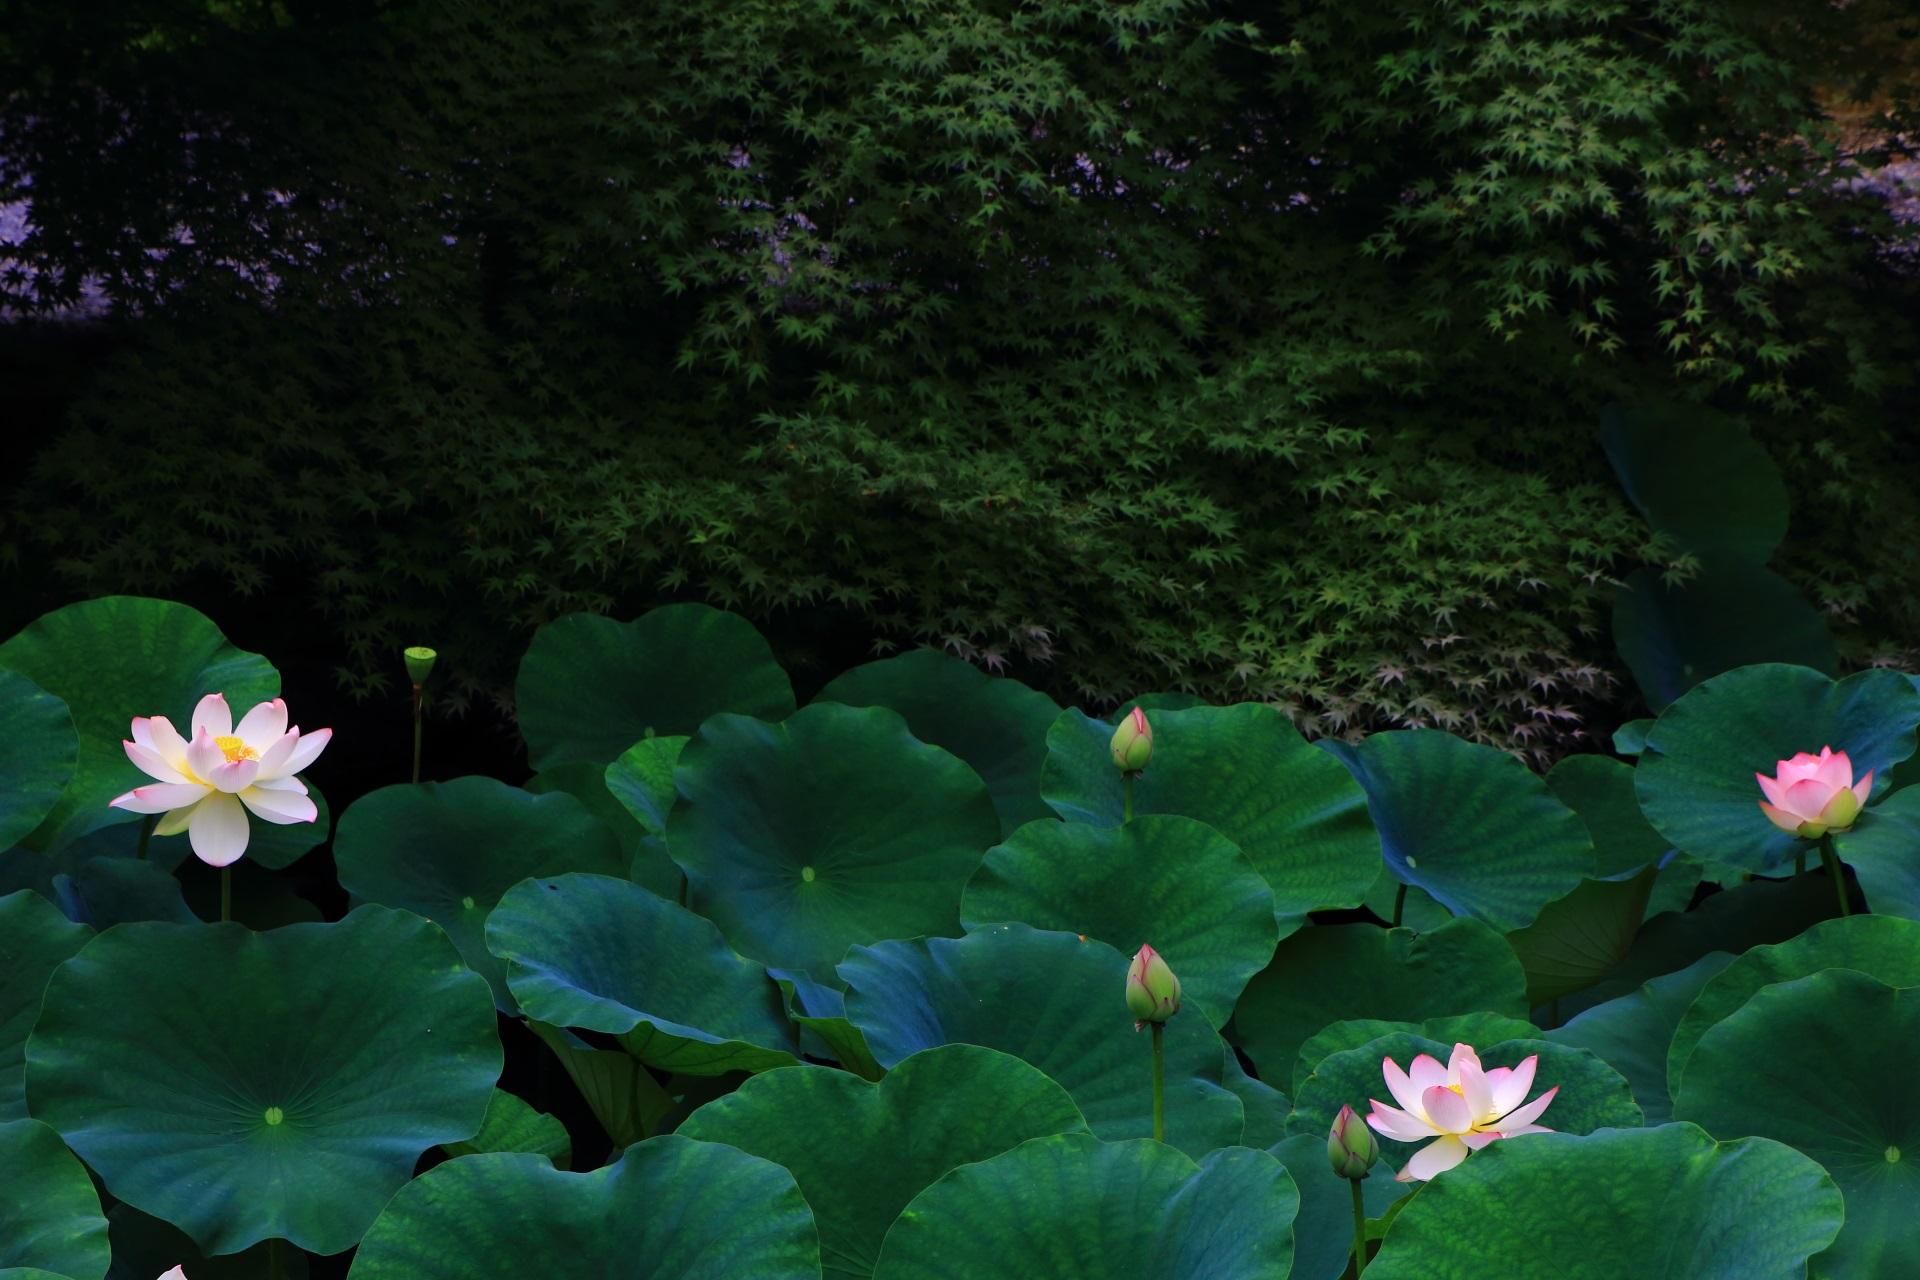 蓮の知名度はあまり高くない有名なお寺の知恩院(ちおんいん)